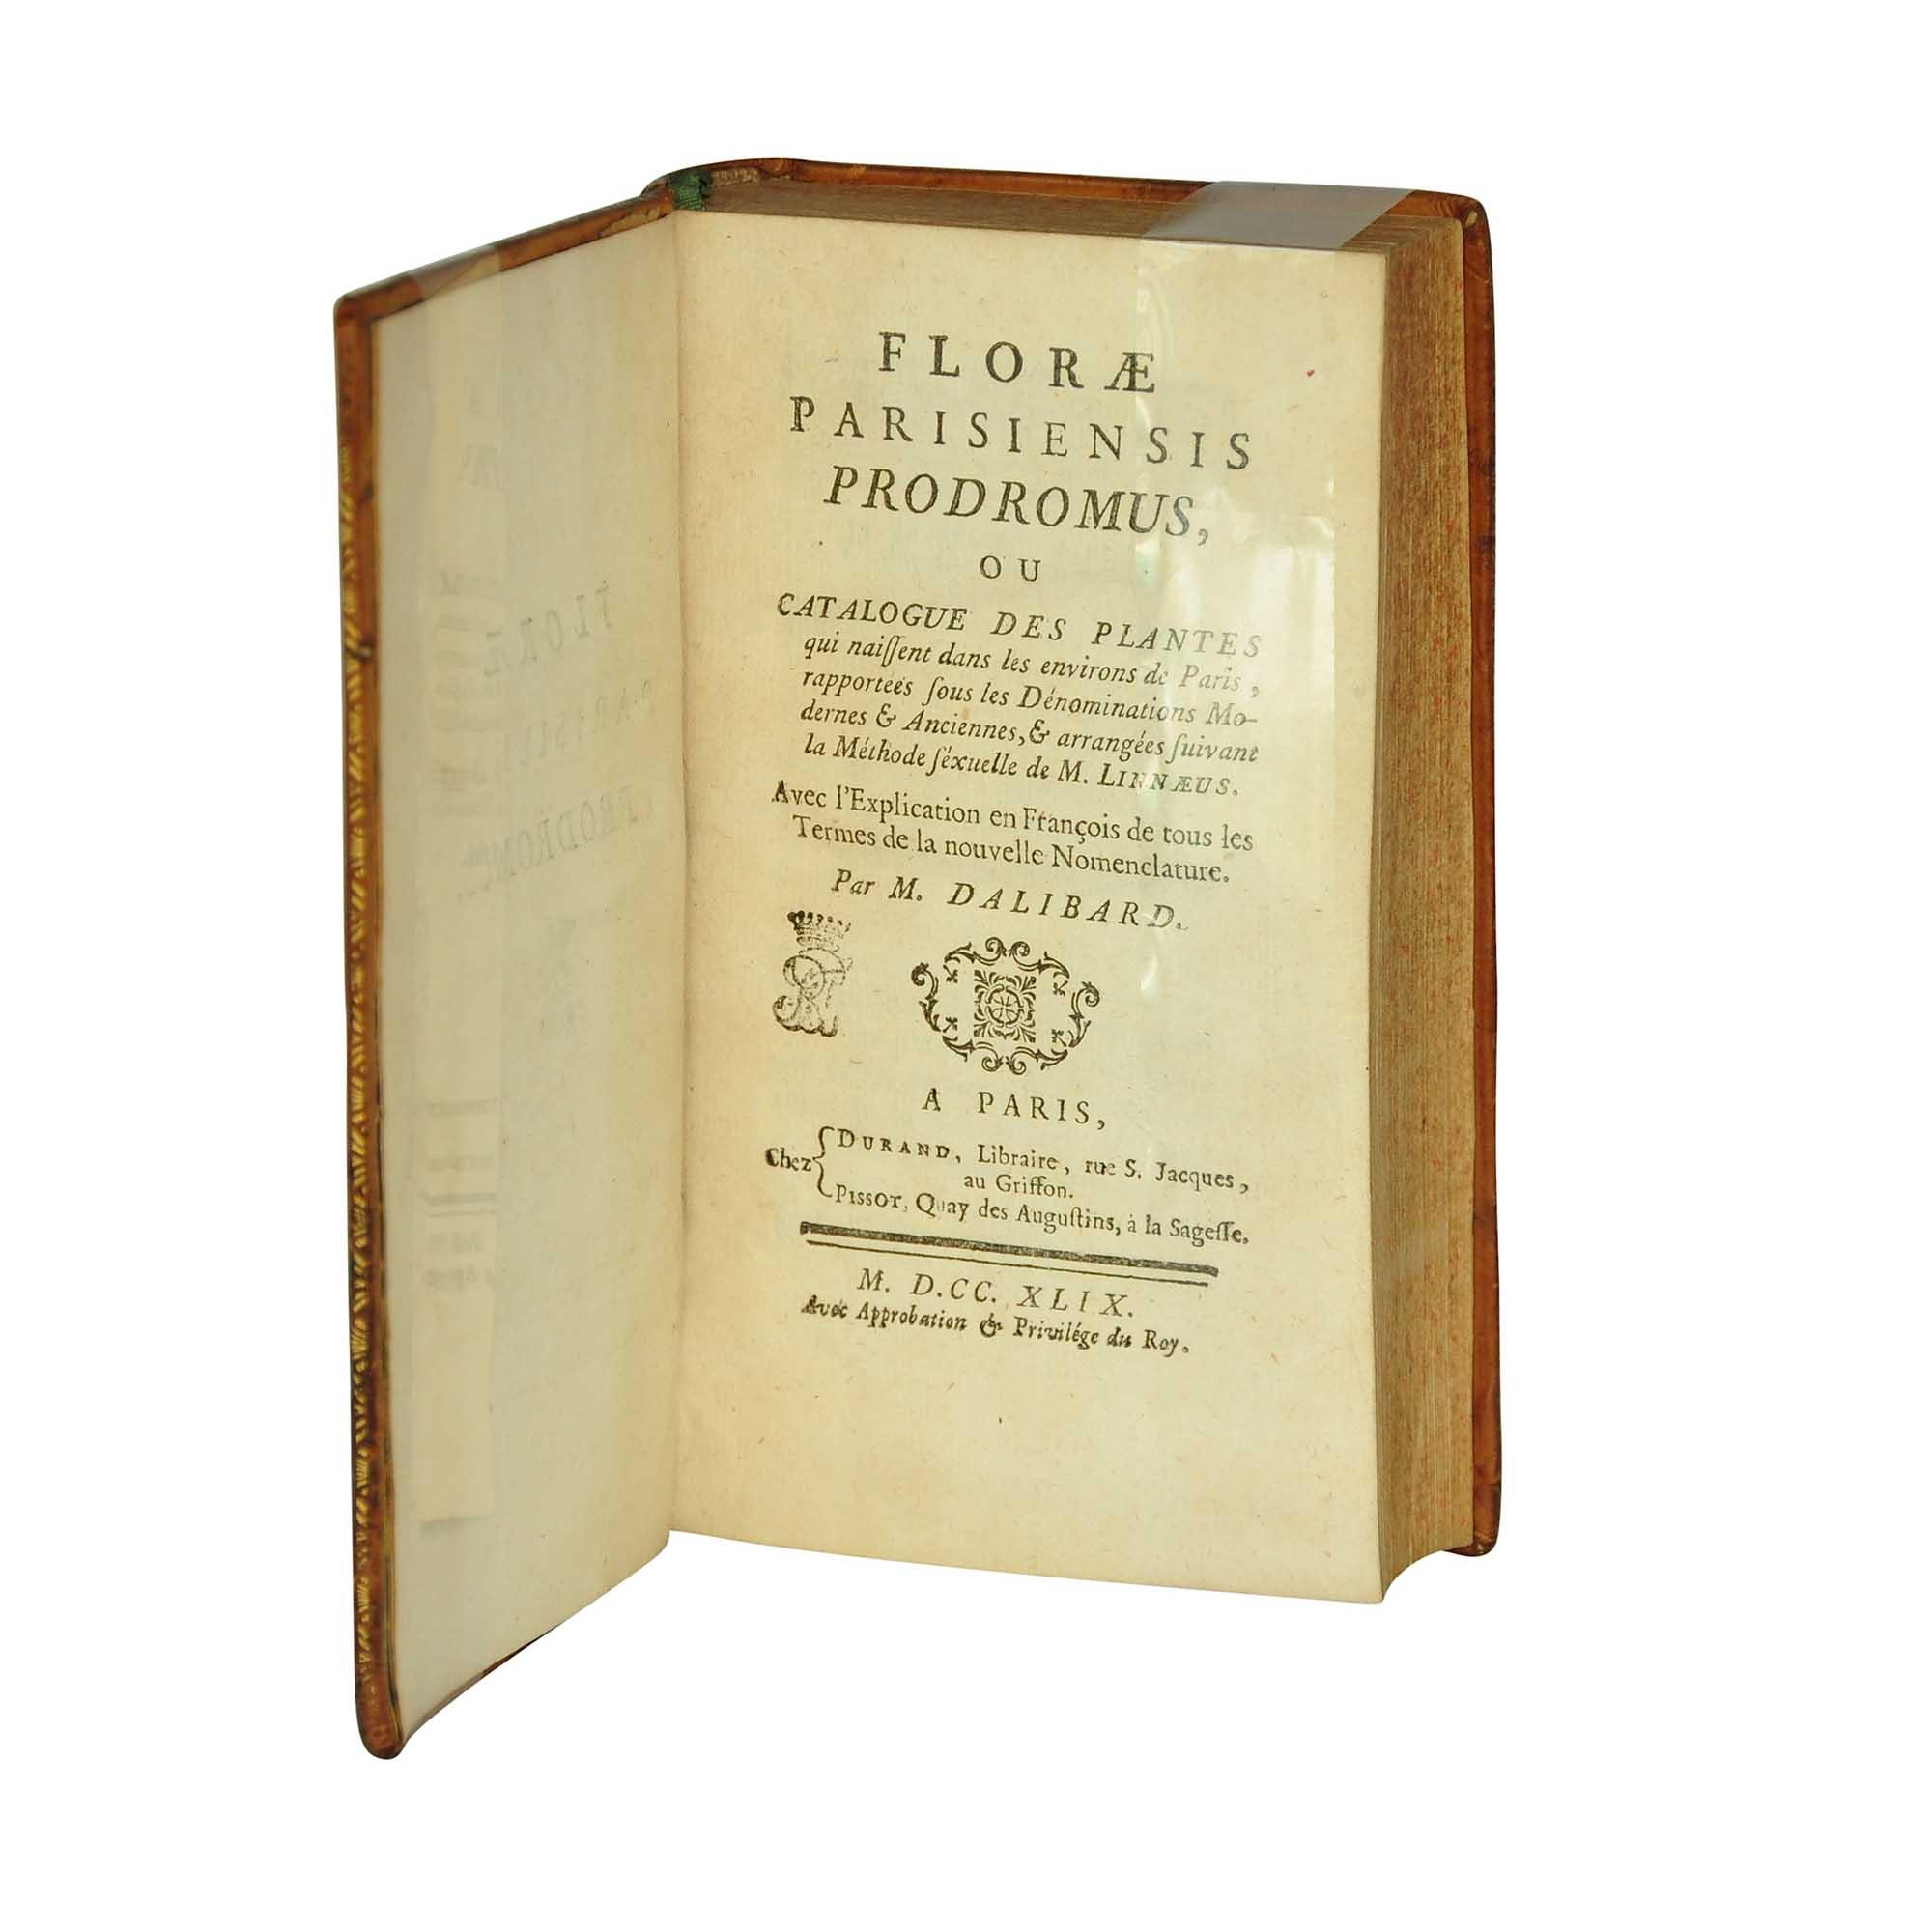 Dalibard-Florae-Parisiensis-1749-Title-A-N-1.jpg